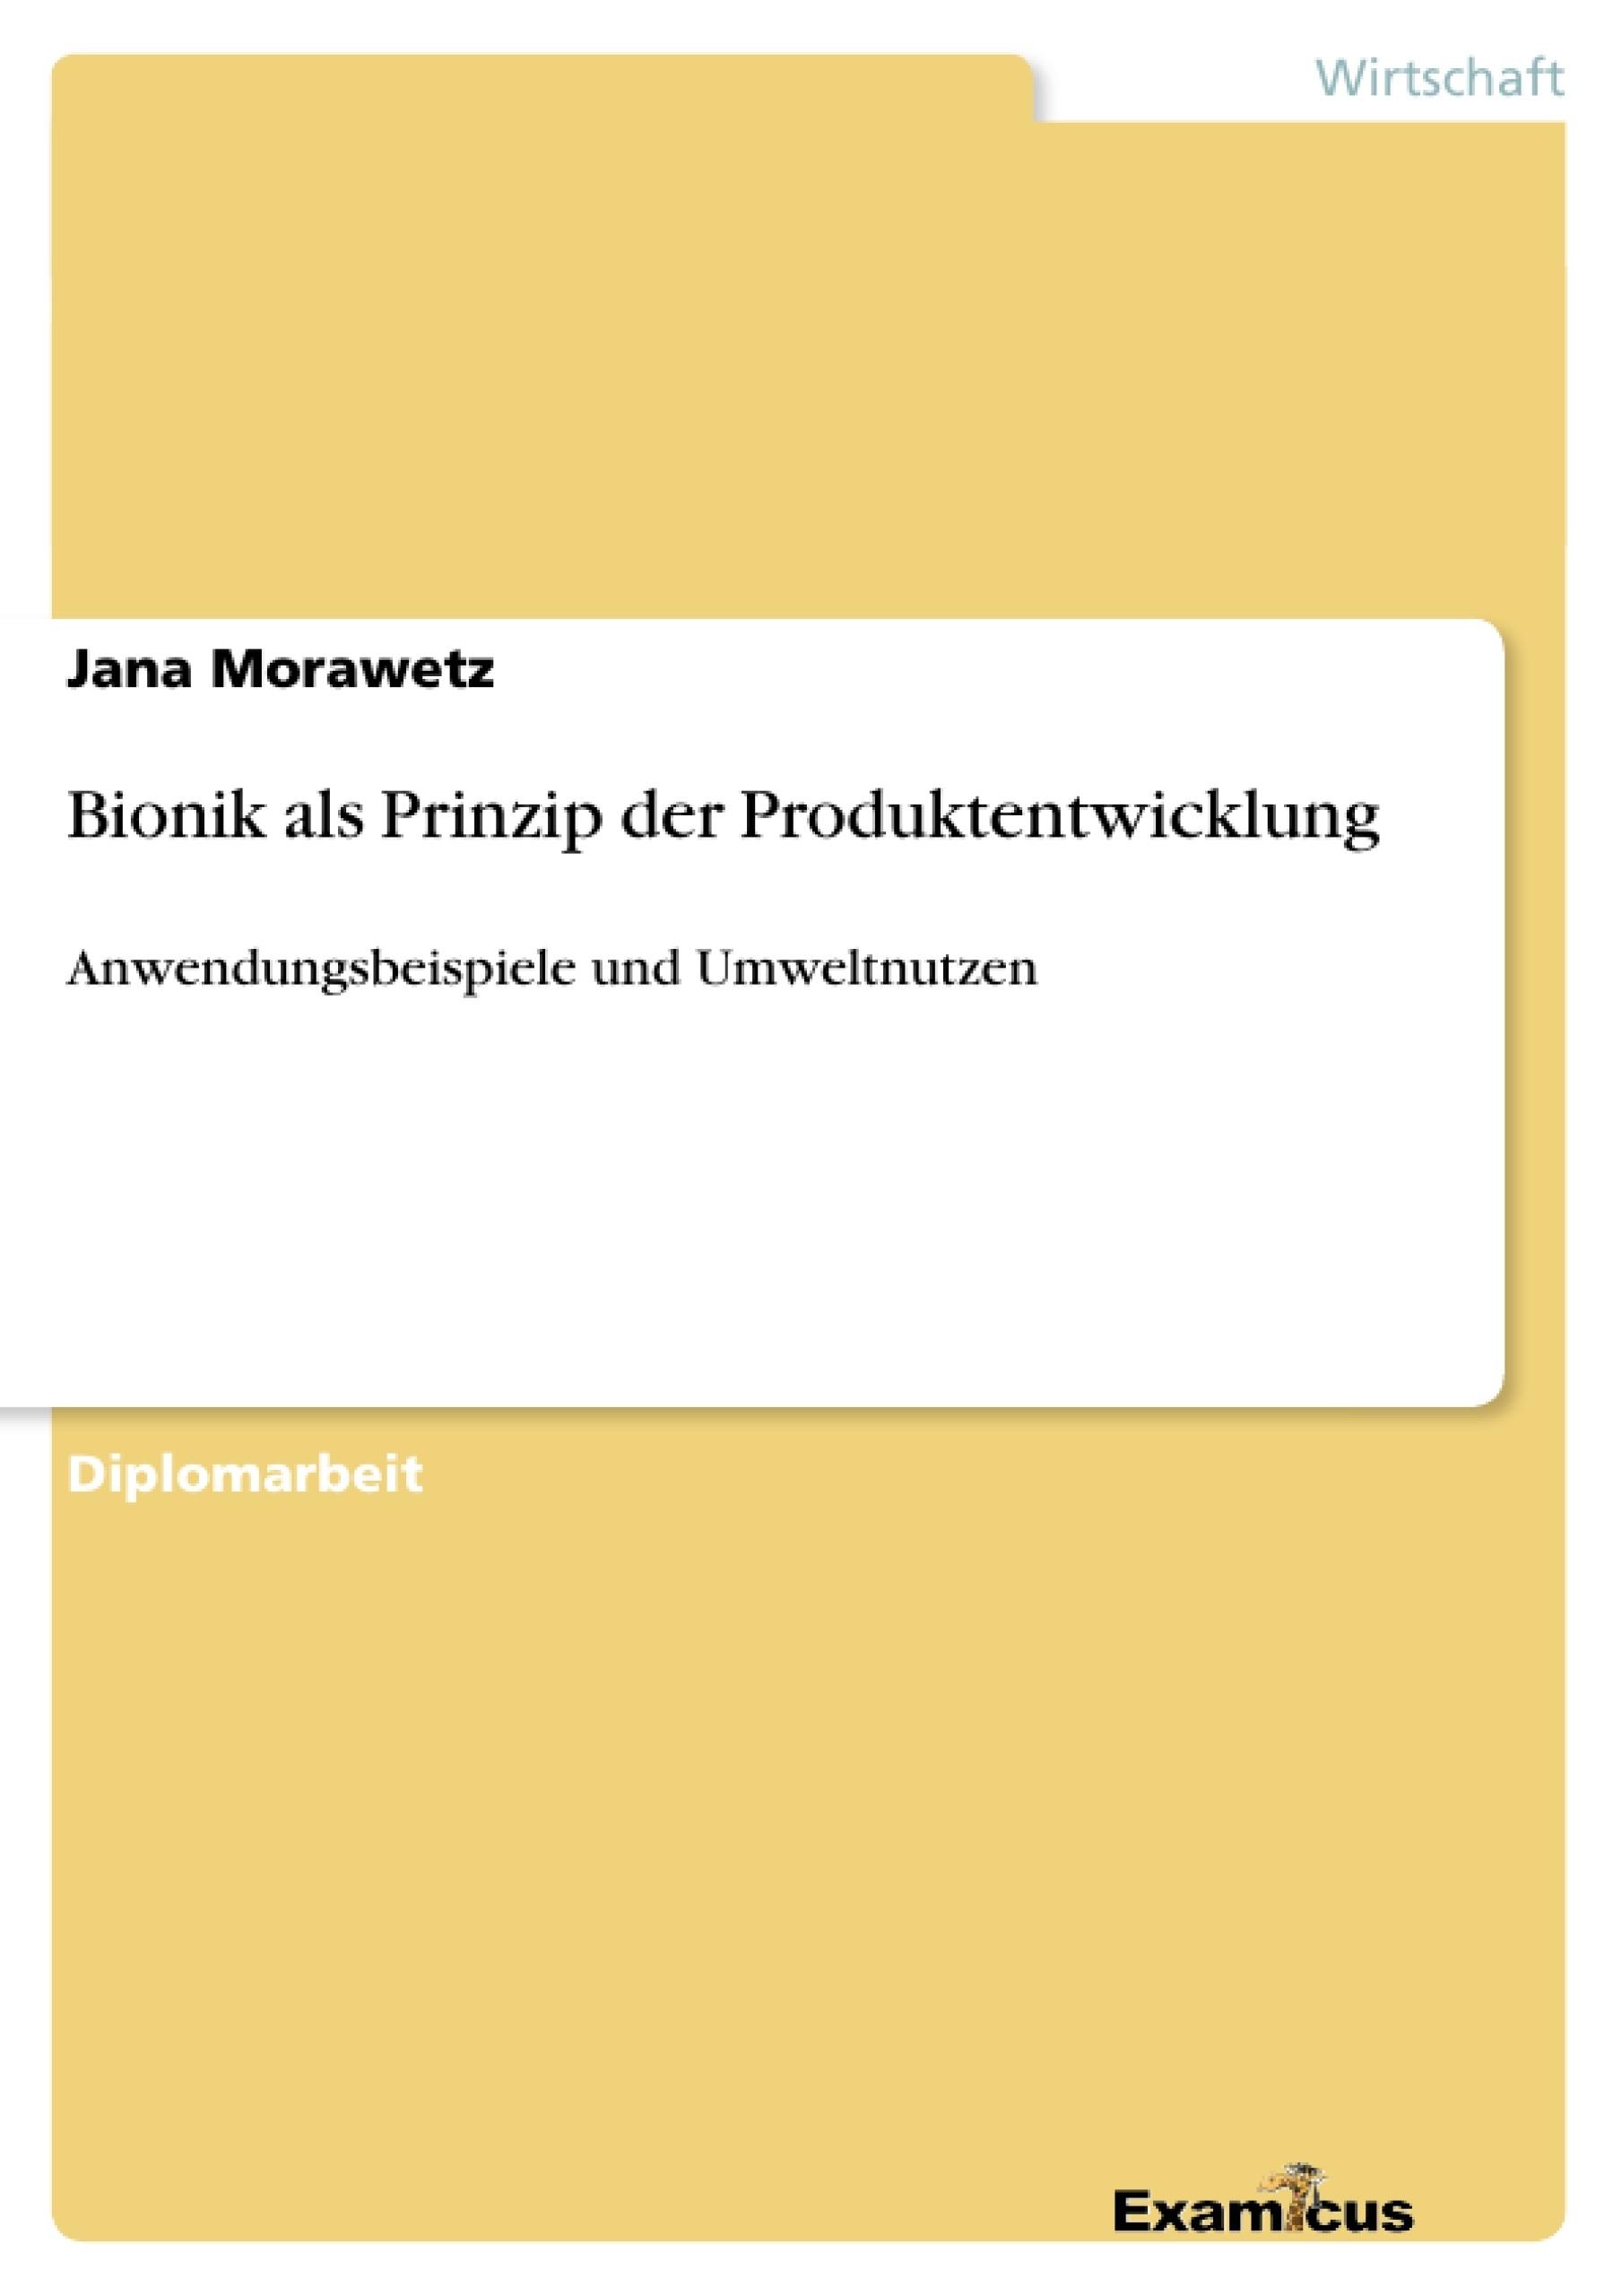 Titel: Bionik als Prinzip der Produktentwicklung